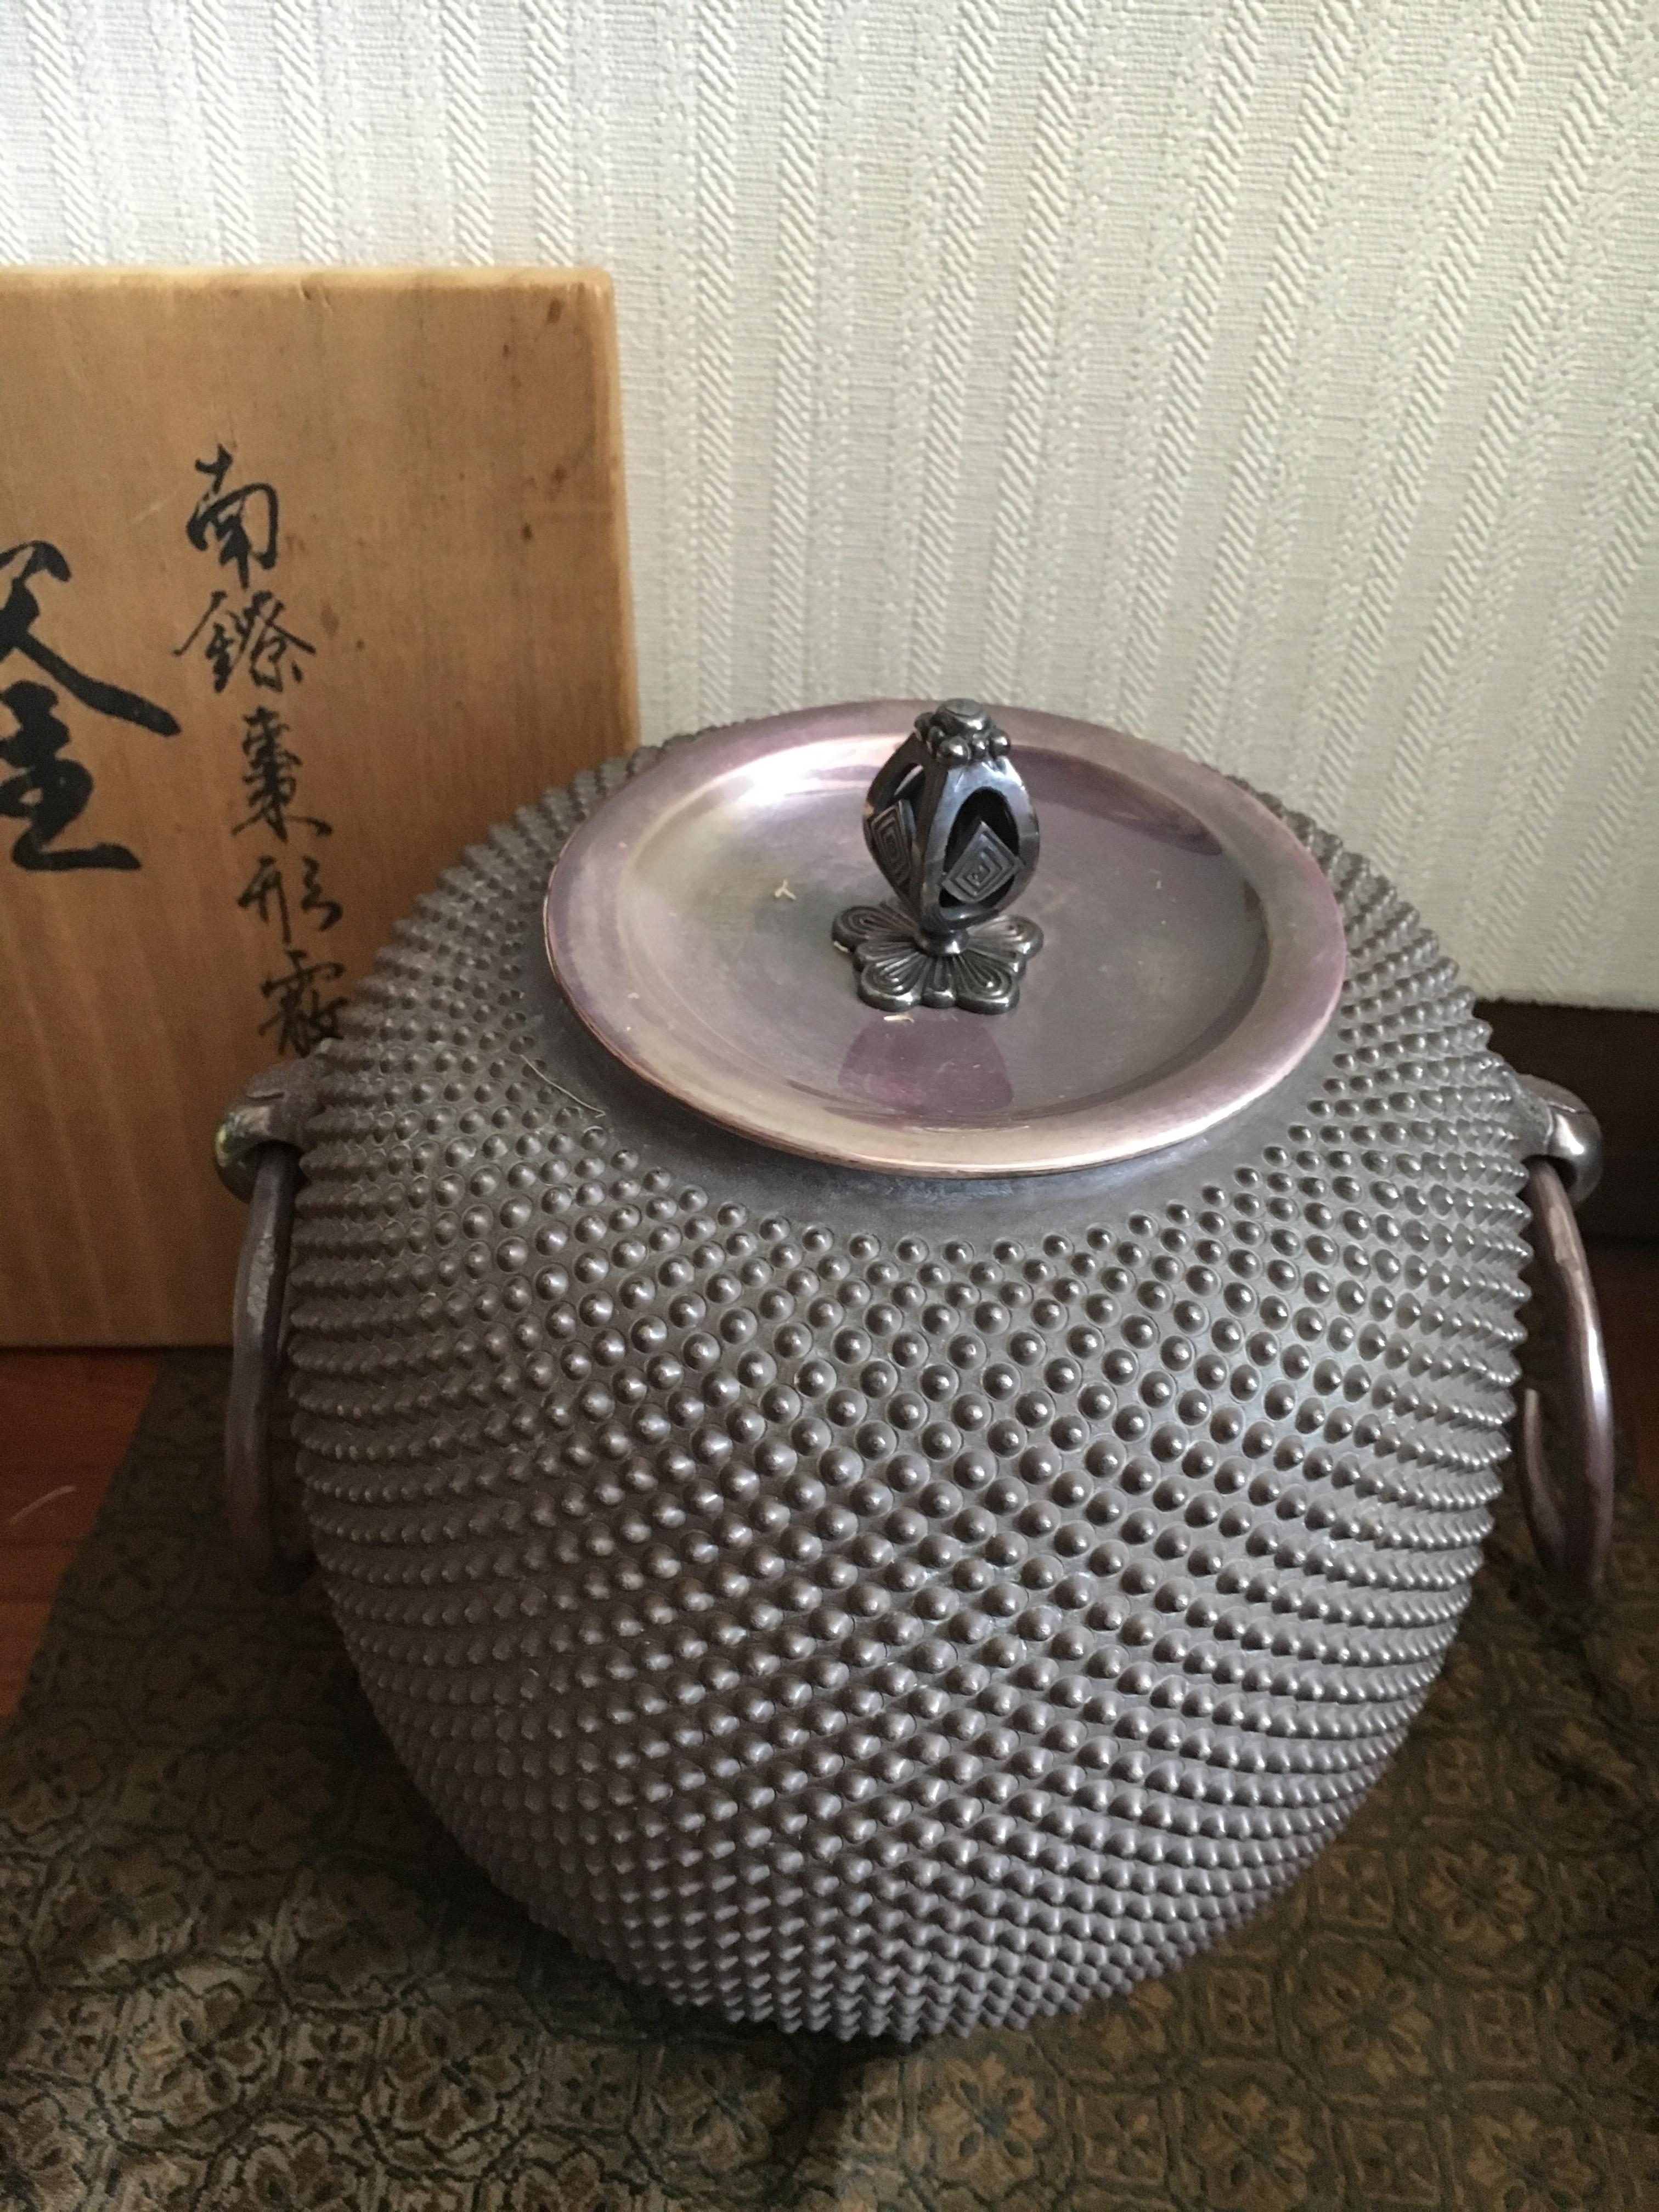 愛知県名古屋市での純銀製の茶道具・煎茶道具の鉄瓶・茶器買取